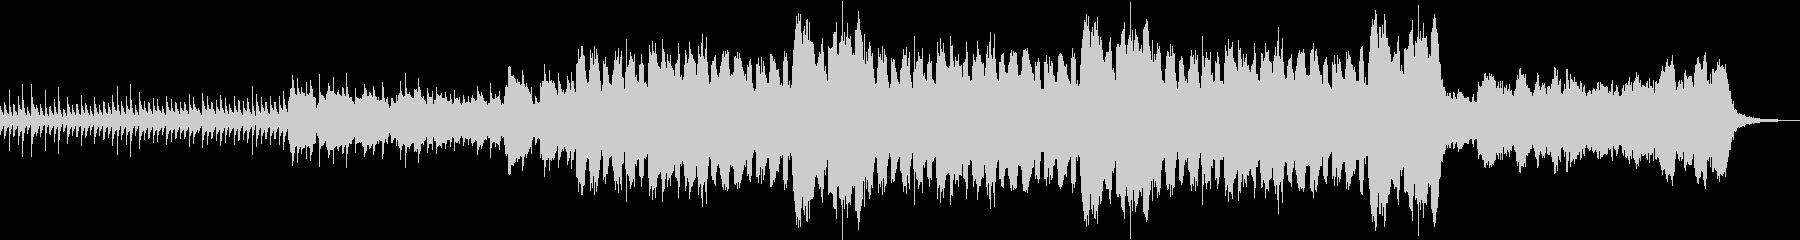 オリエンタルな響きのシネマライクな楽曲の未再生の波形